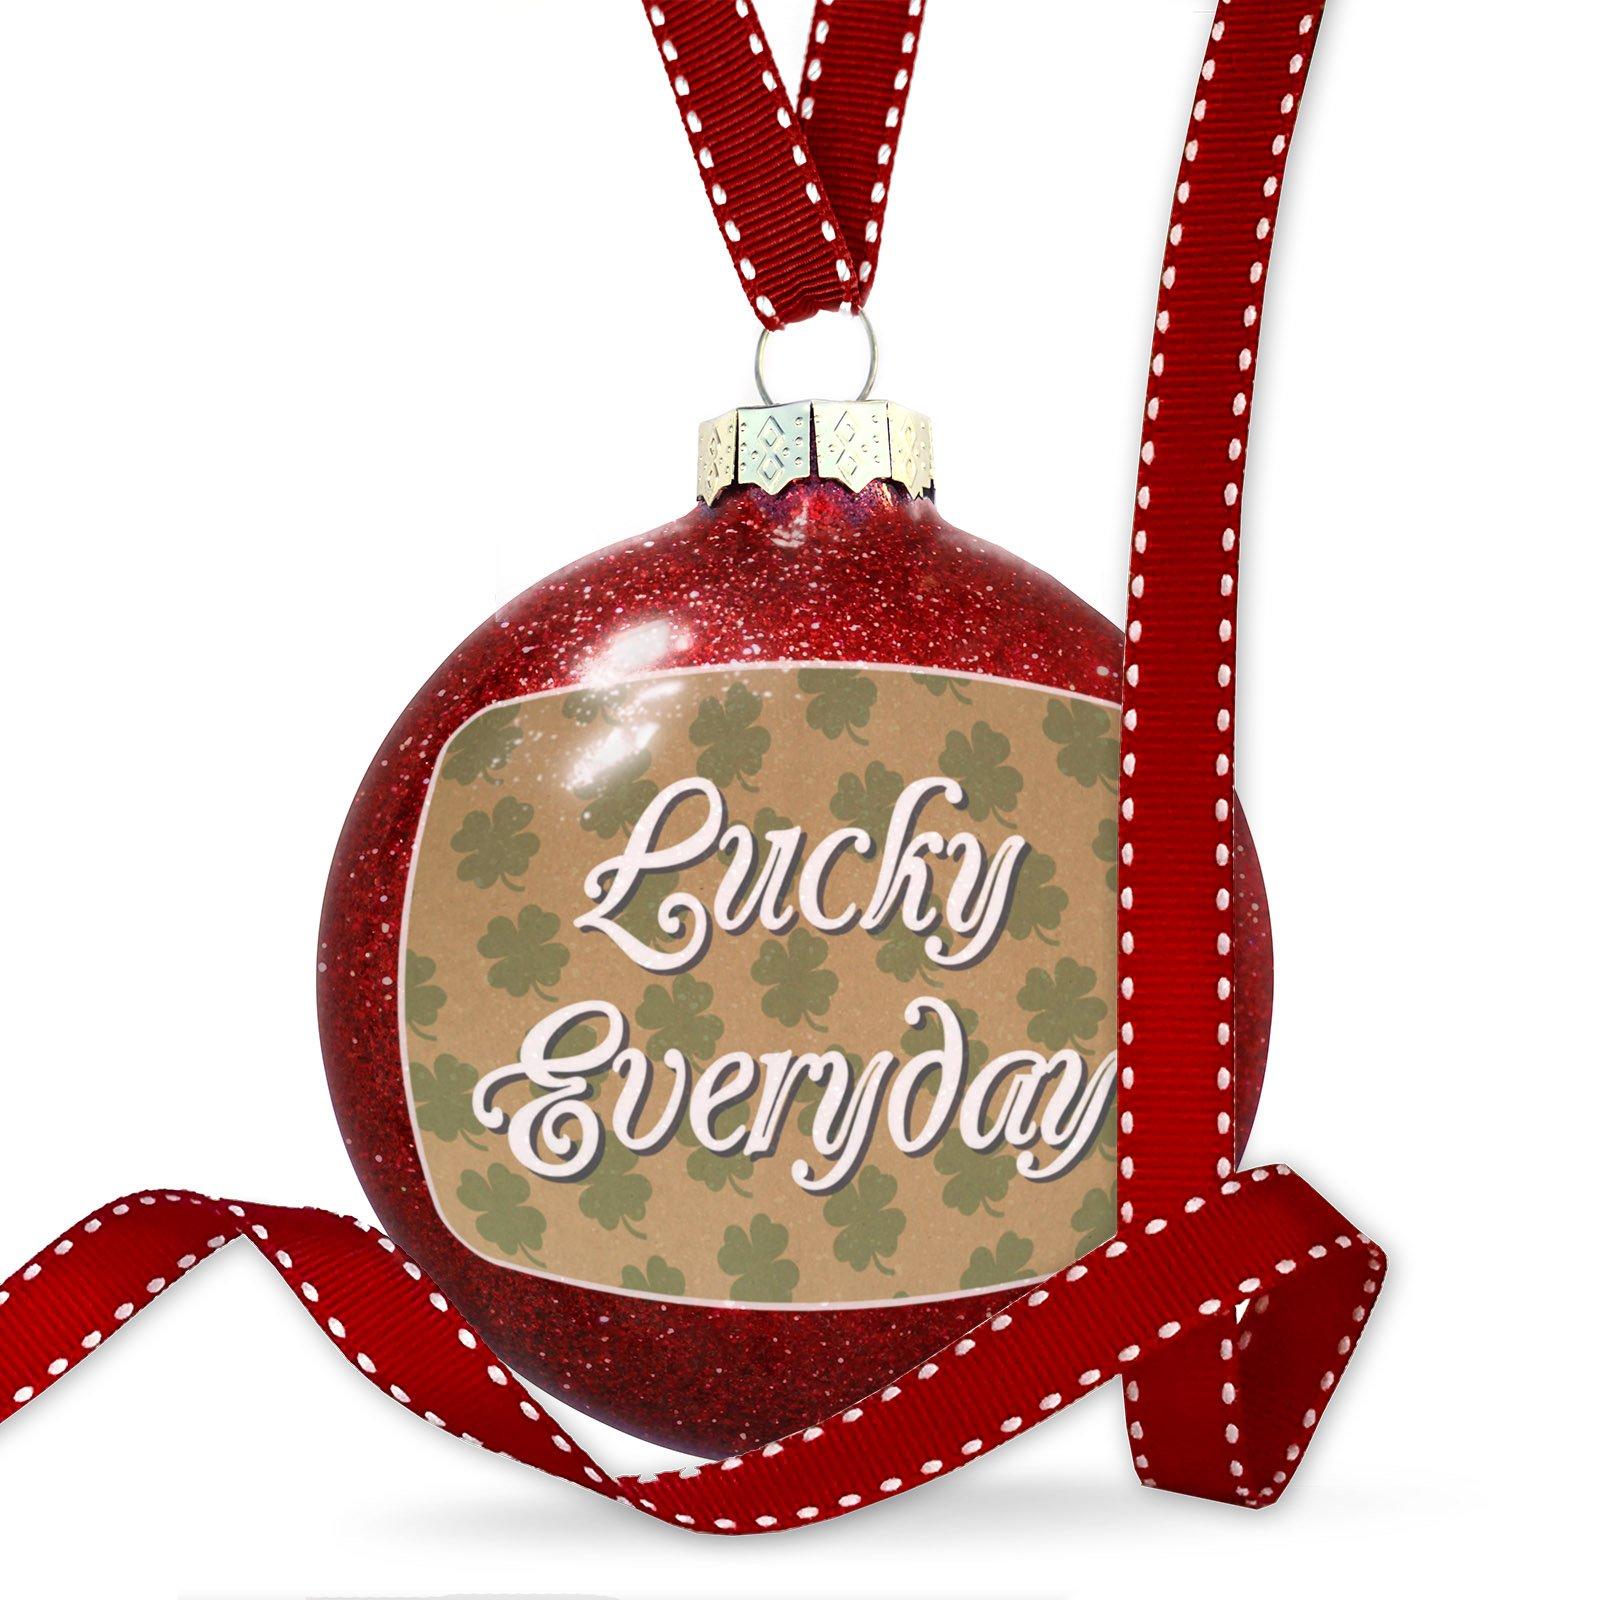 Christmas Decoration Lucky Everyday St. Patrick's Day Shamrock Kraft Pattern Ornament